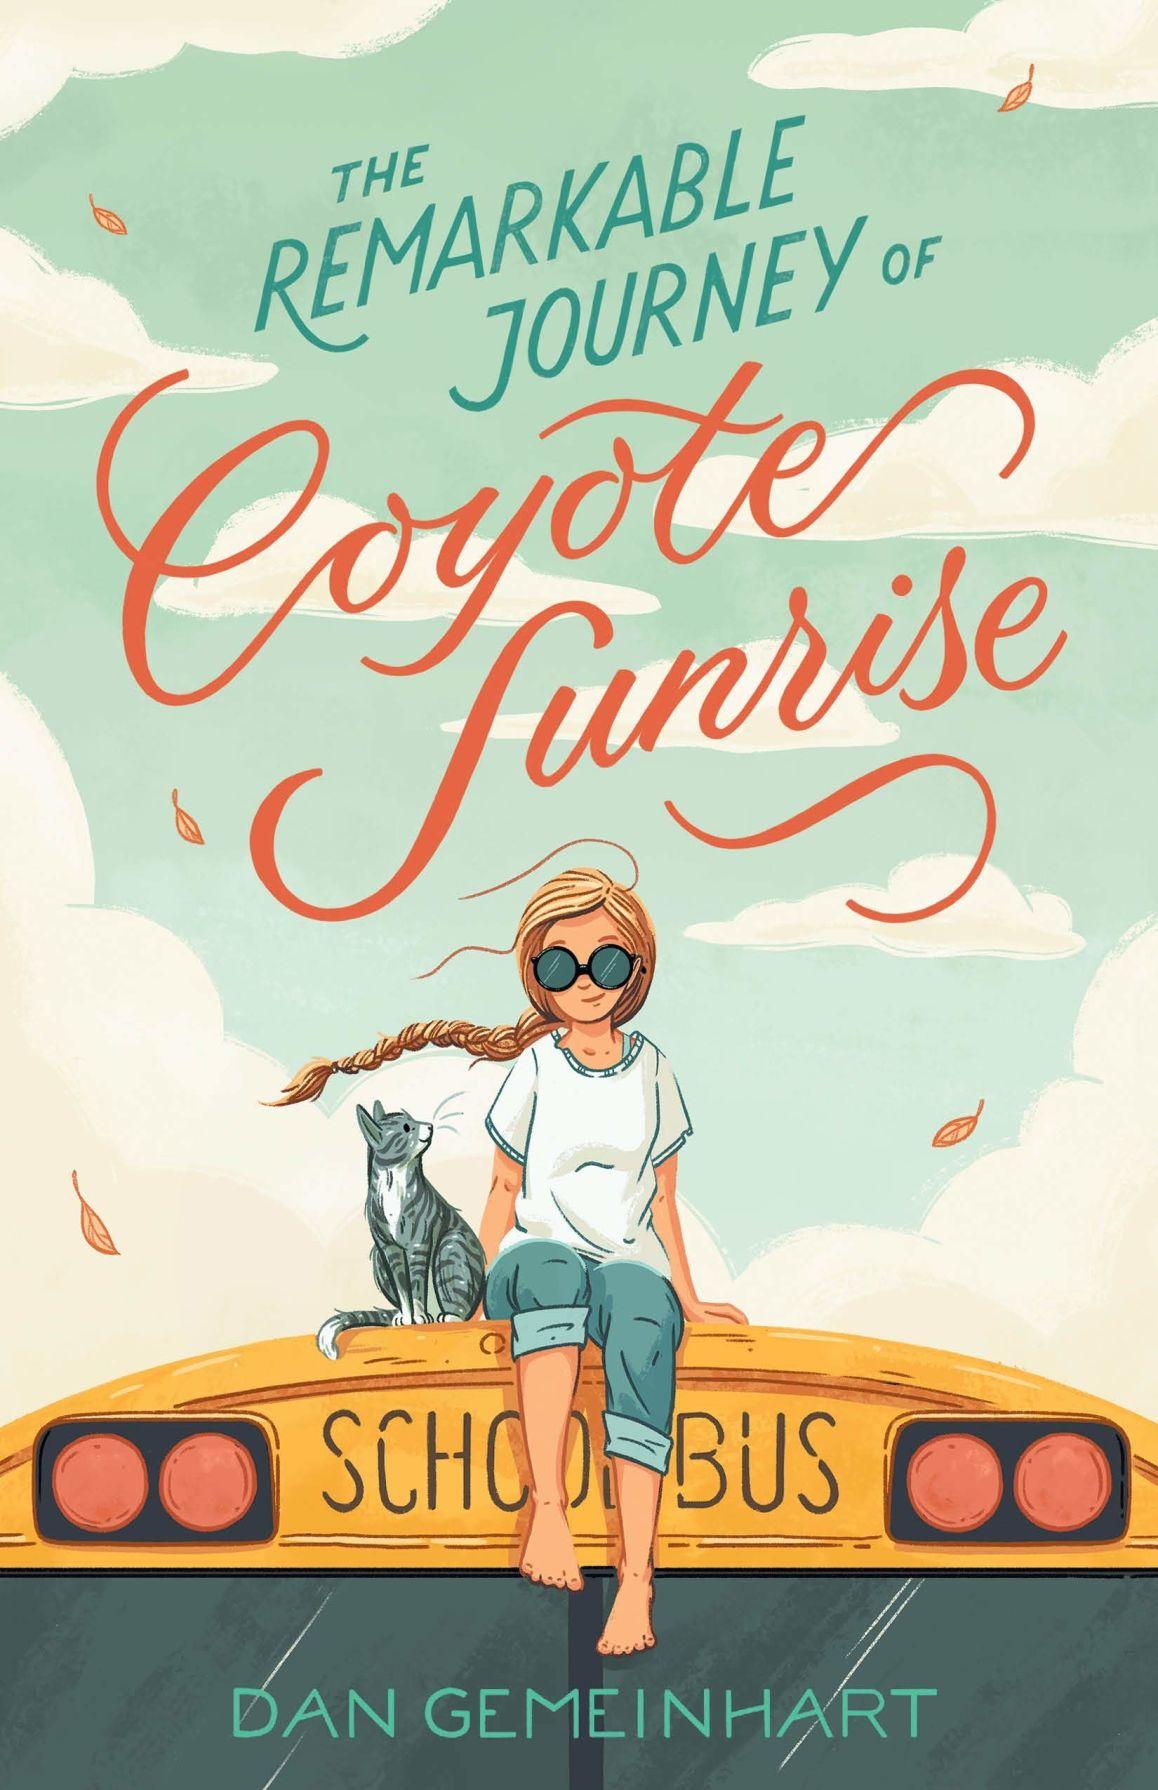 Coyote book.jpg